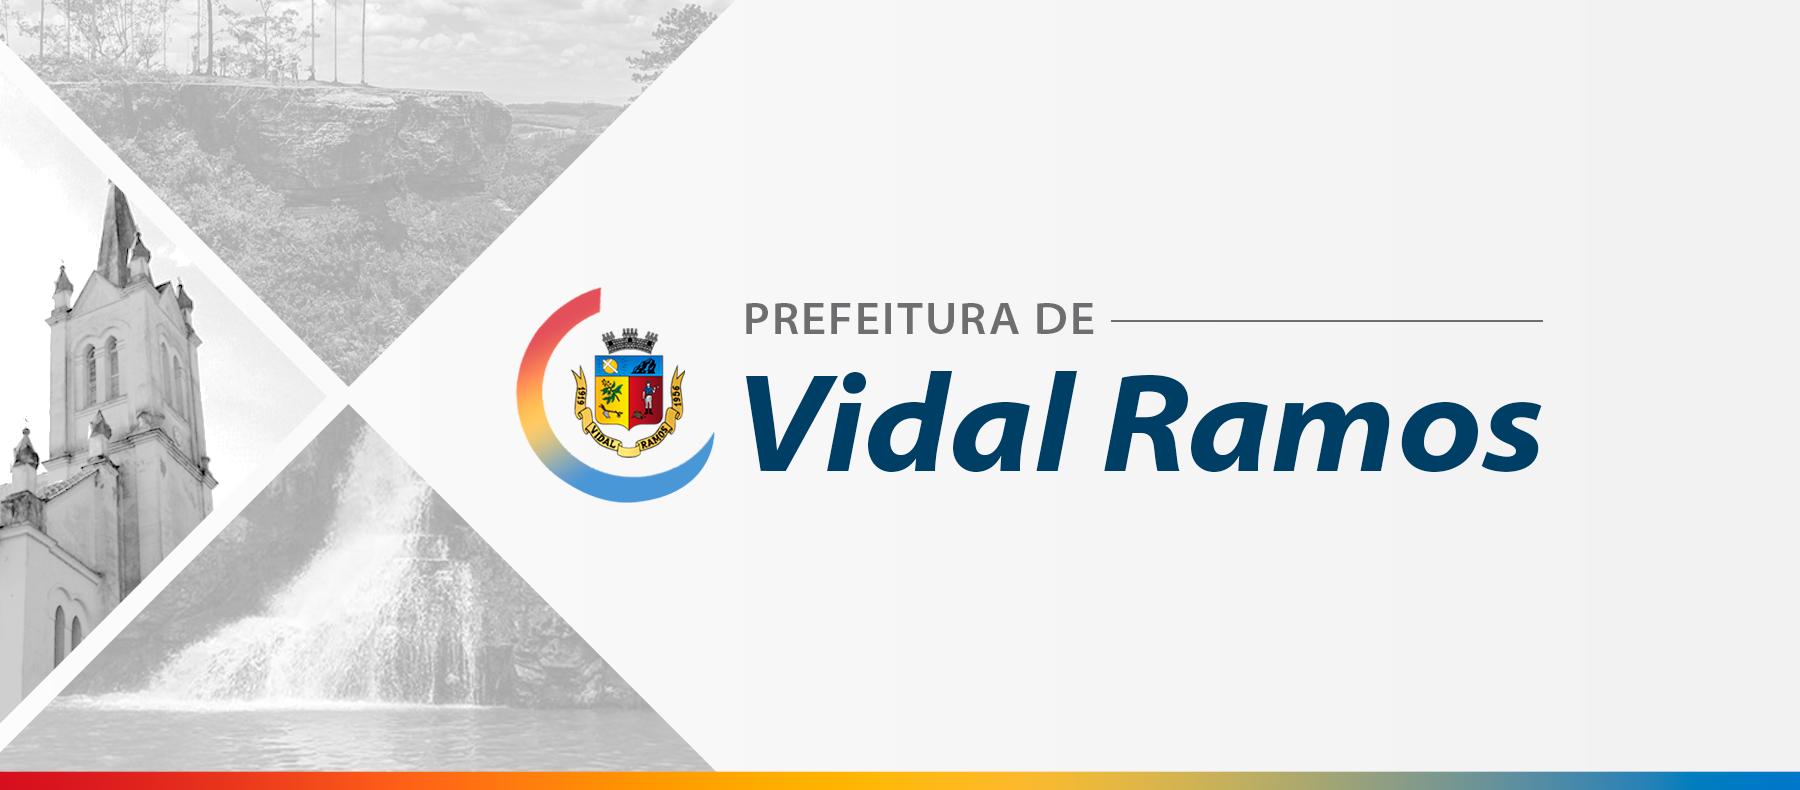 Vidal Ramos acompanha evolução do coronavírus e segue orientações do Governo do Estado